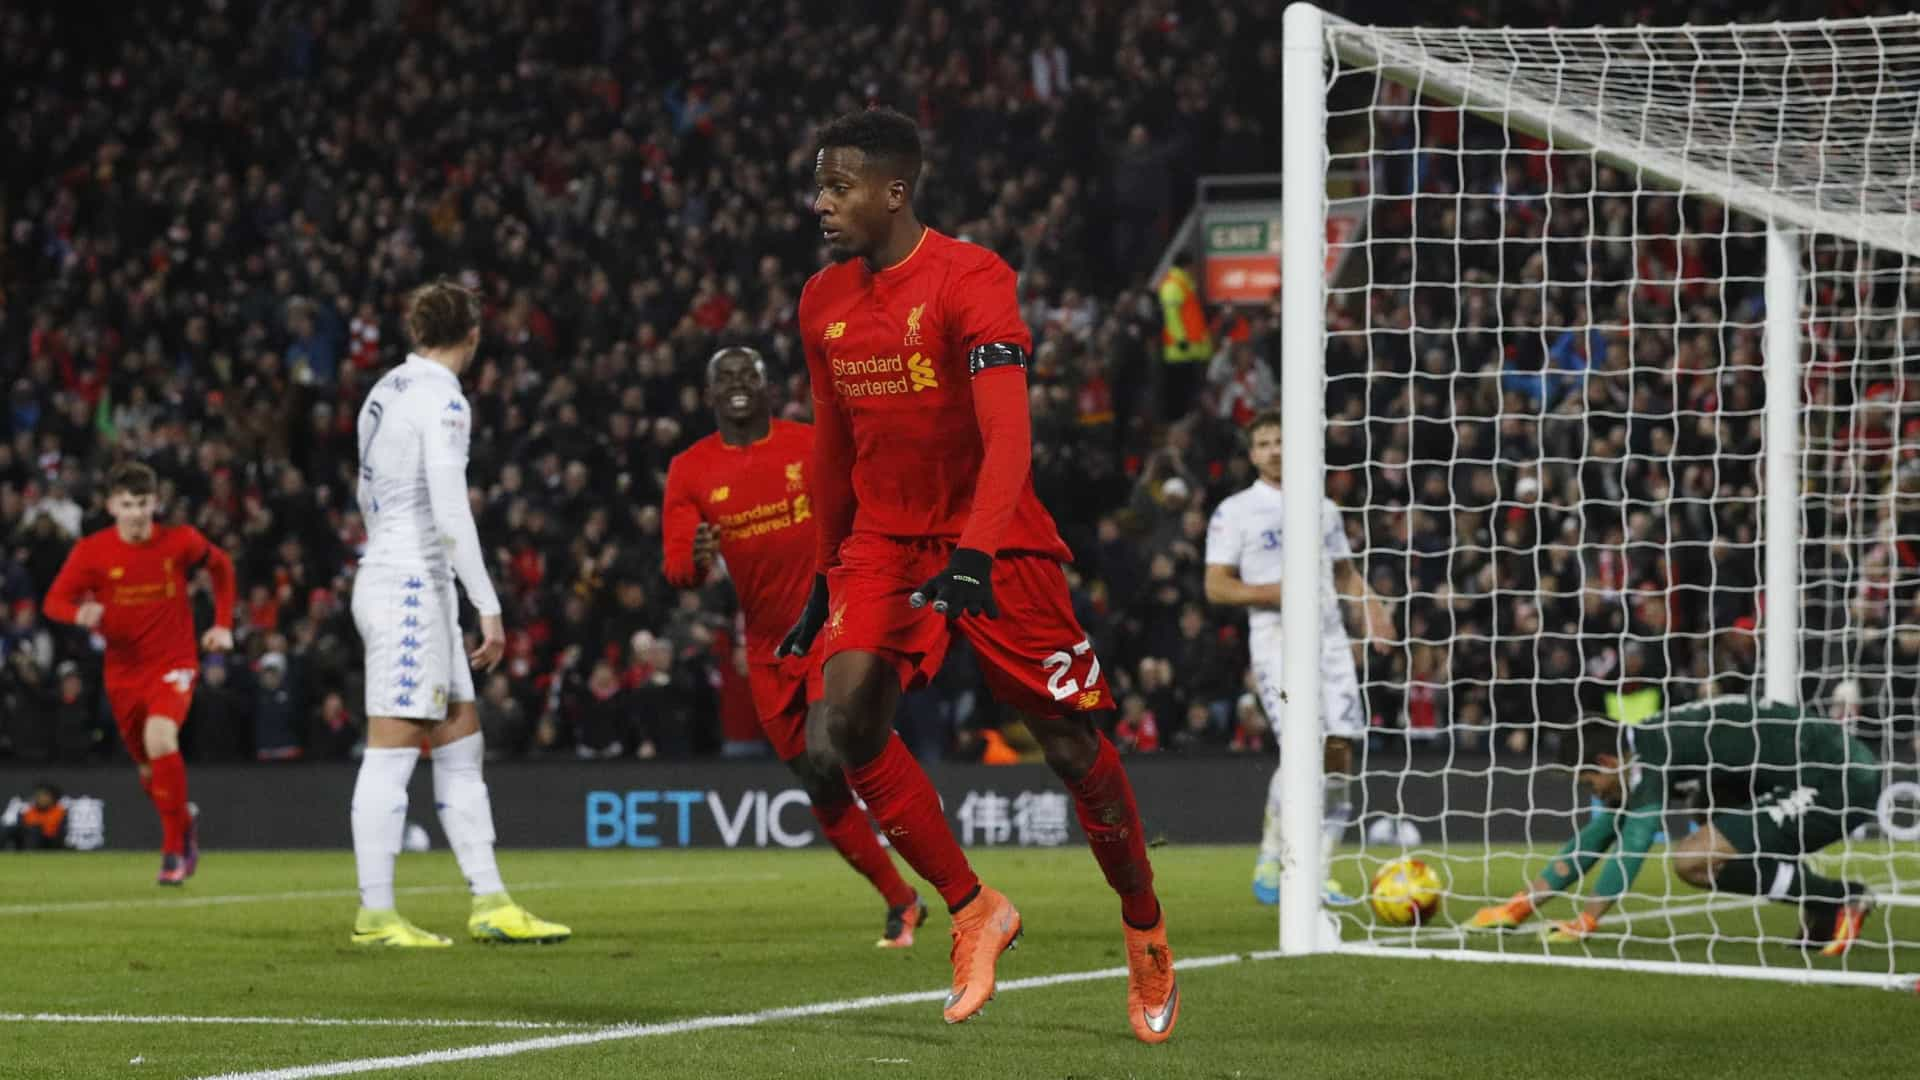 Liverpool vence Leeds e está nas 'meias' da Taça da Liga inglesa